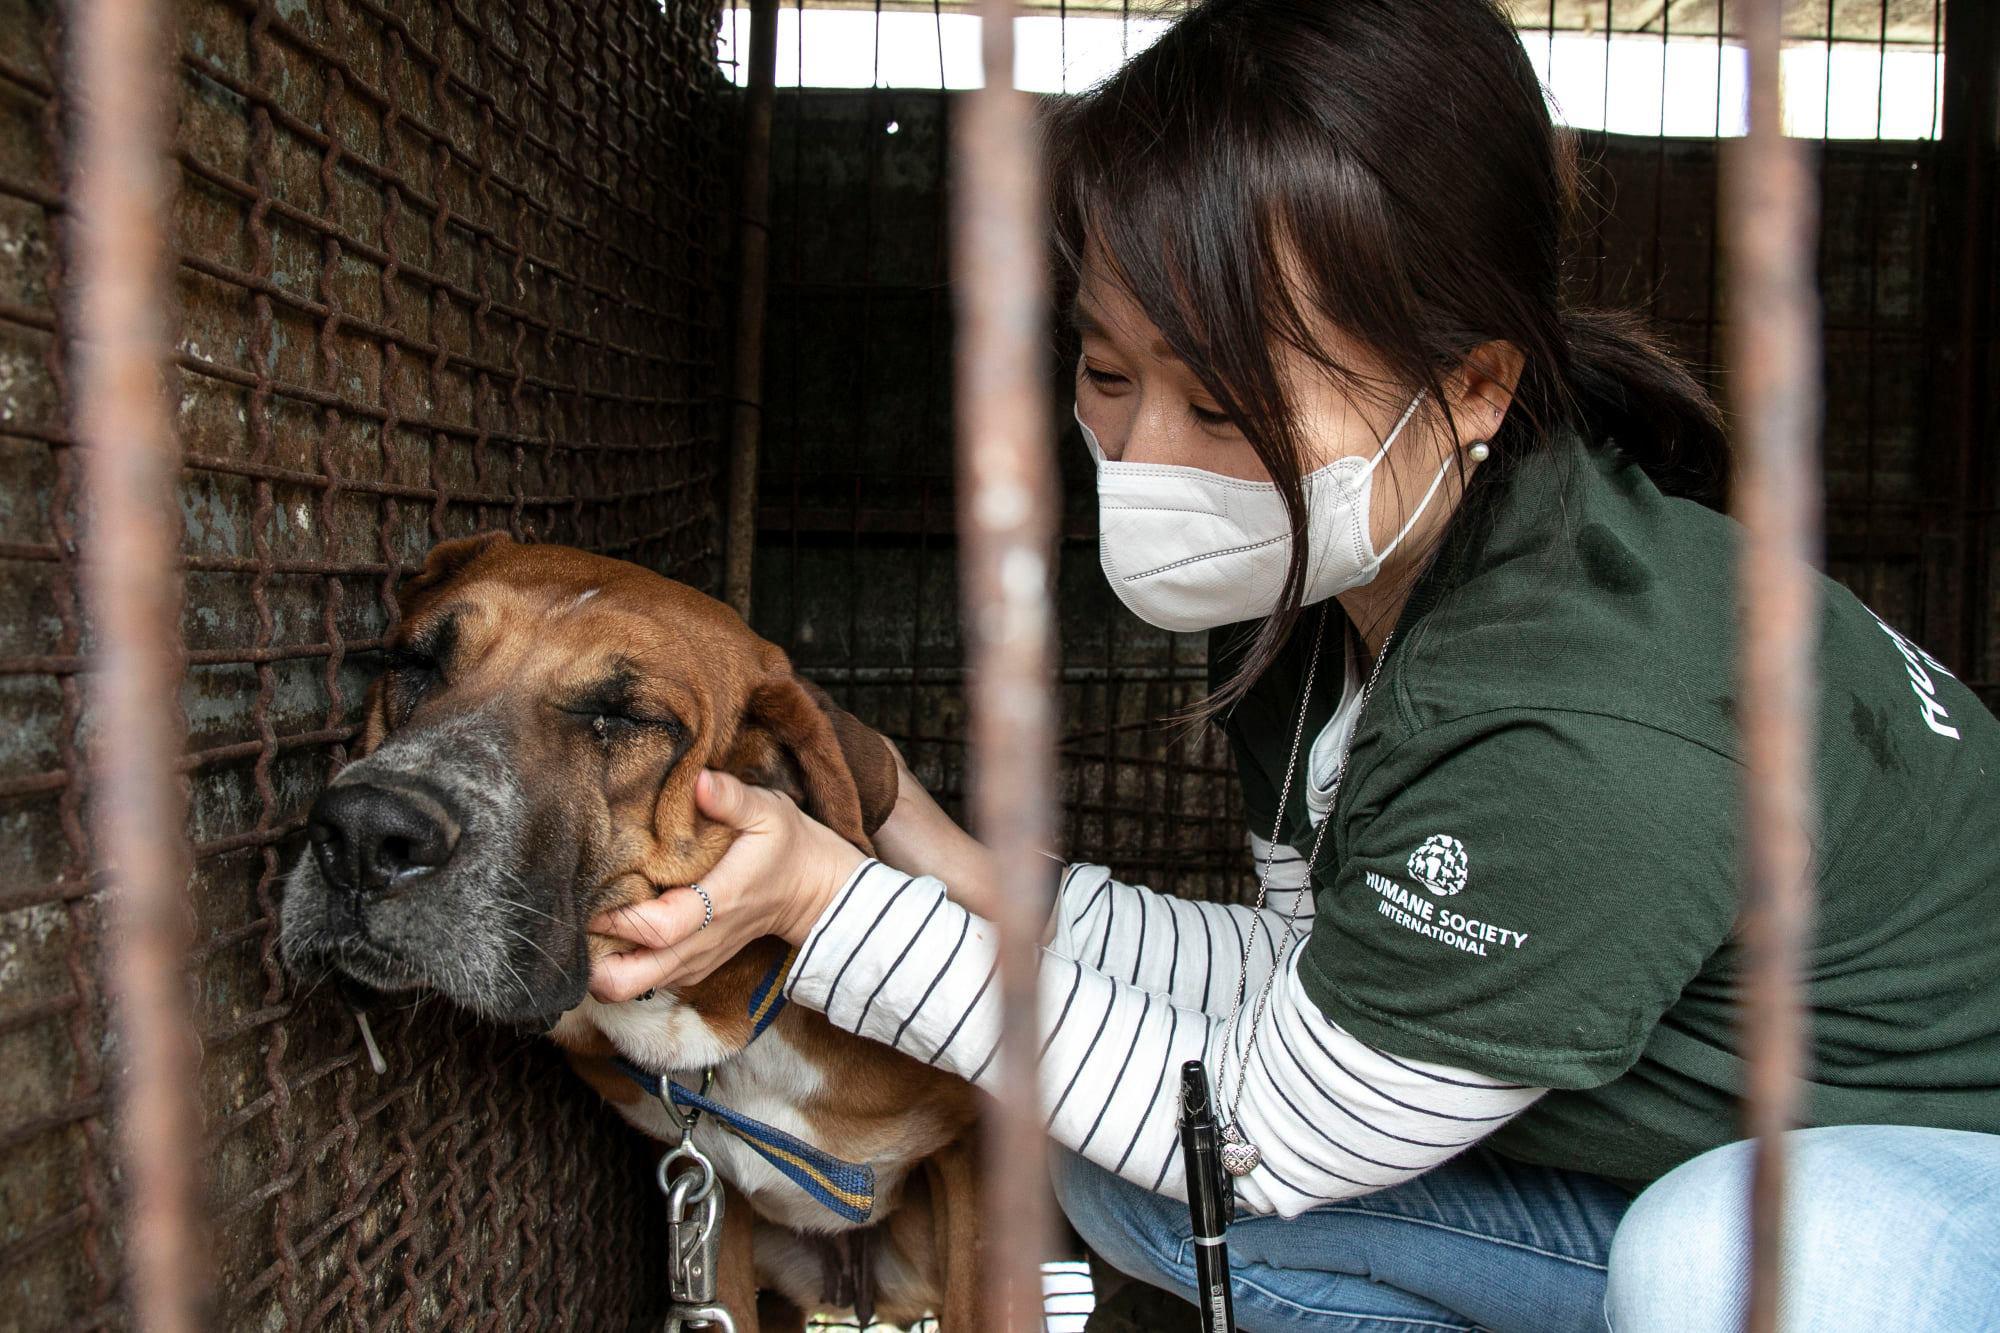 Những hình ảnh gây sốc trong hành trình giải cứu những chú chó khỏi lò mổ - Ảnh 13.